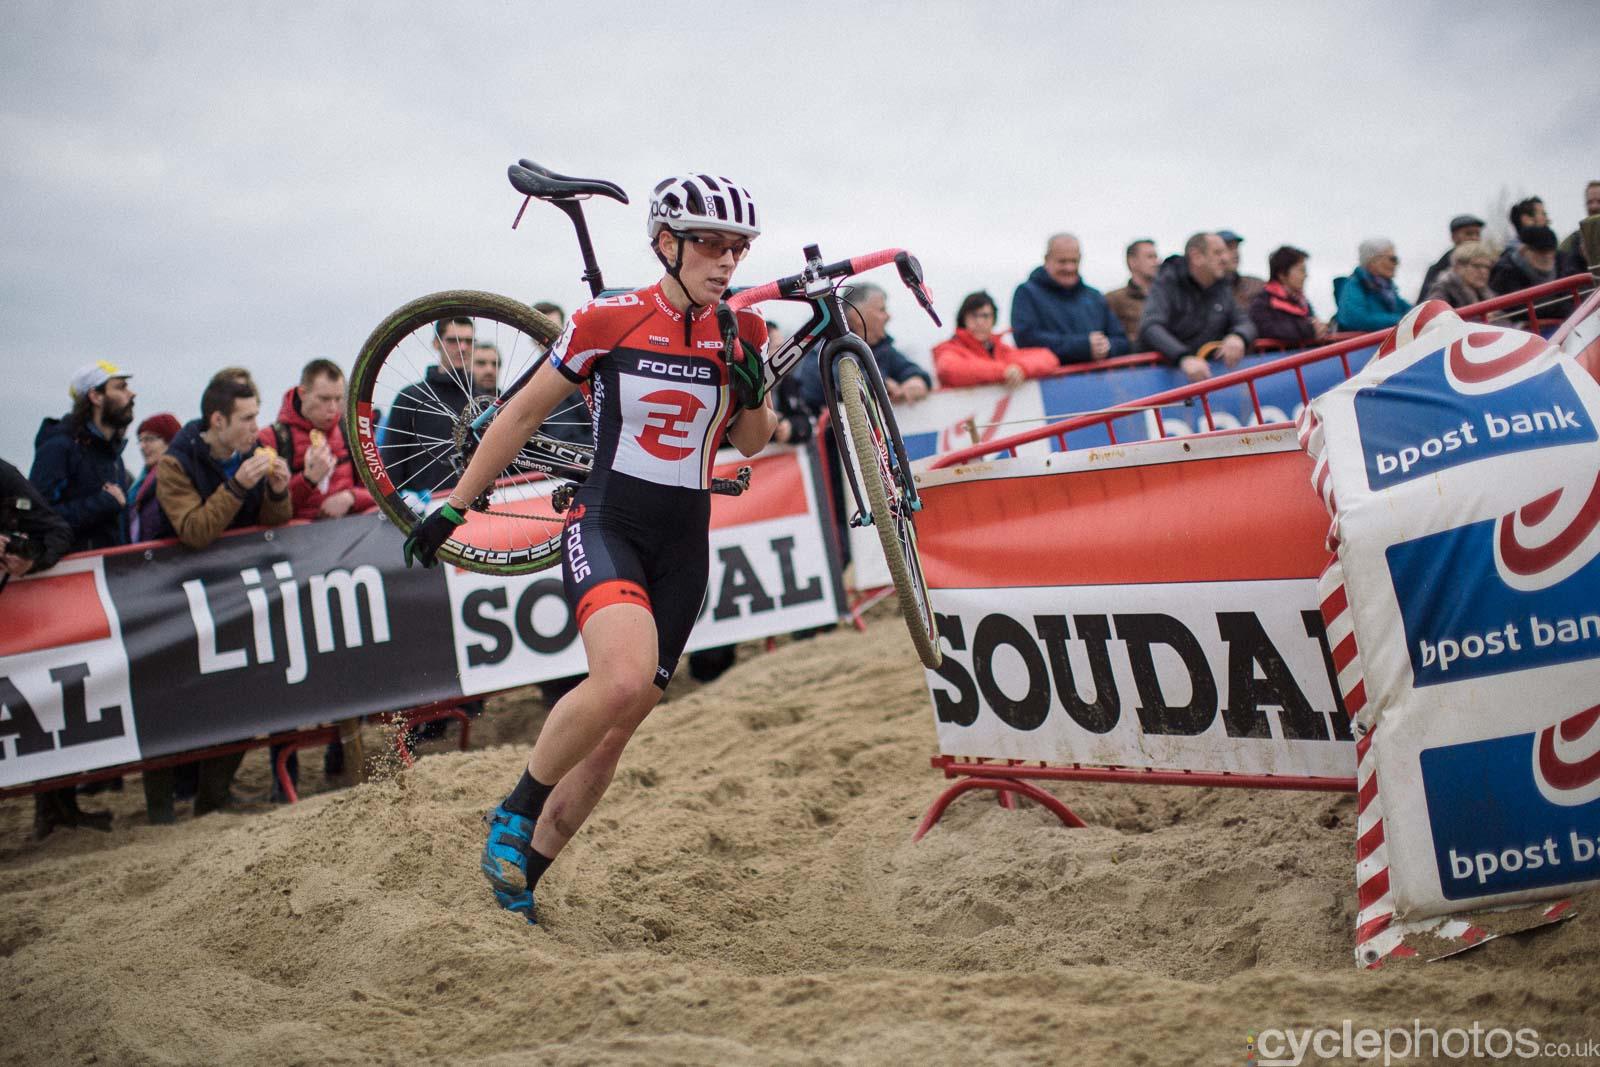 2015-cyclephotos-cyclocross-scheldecross-140154-natalie-redmond